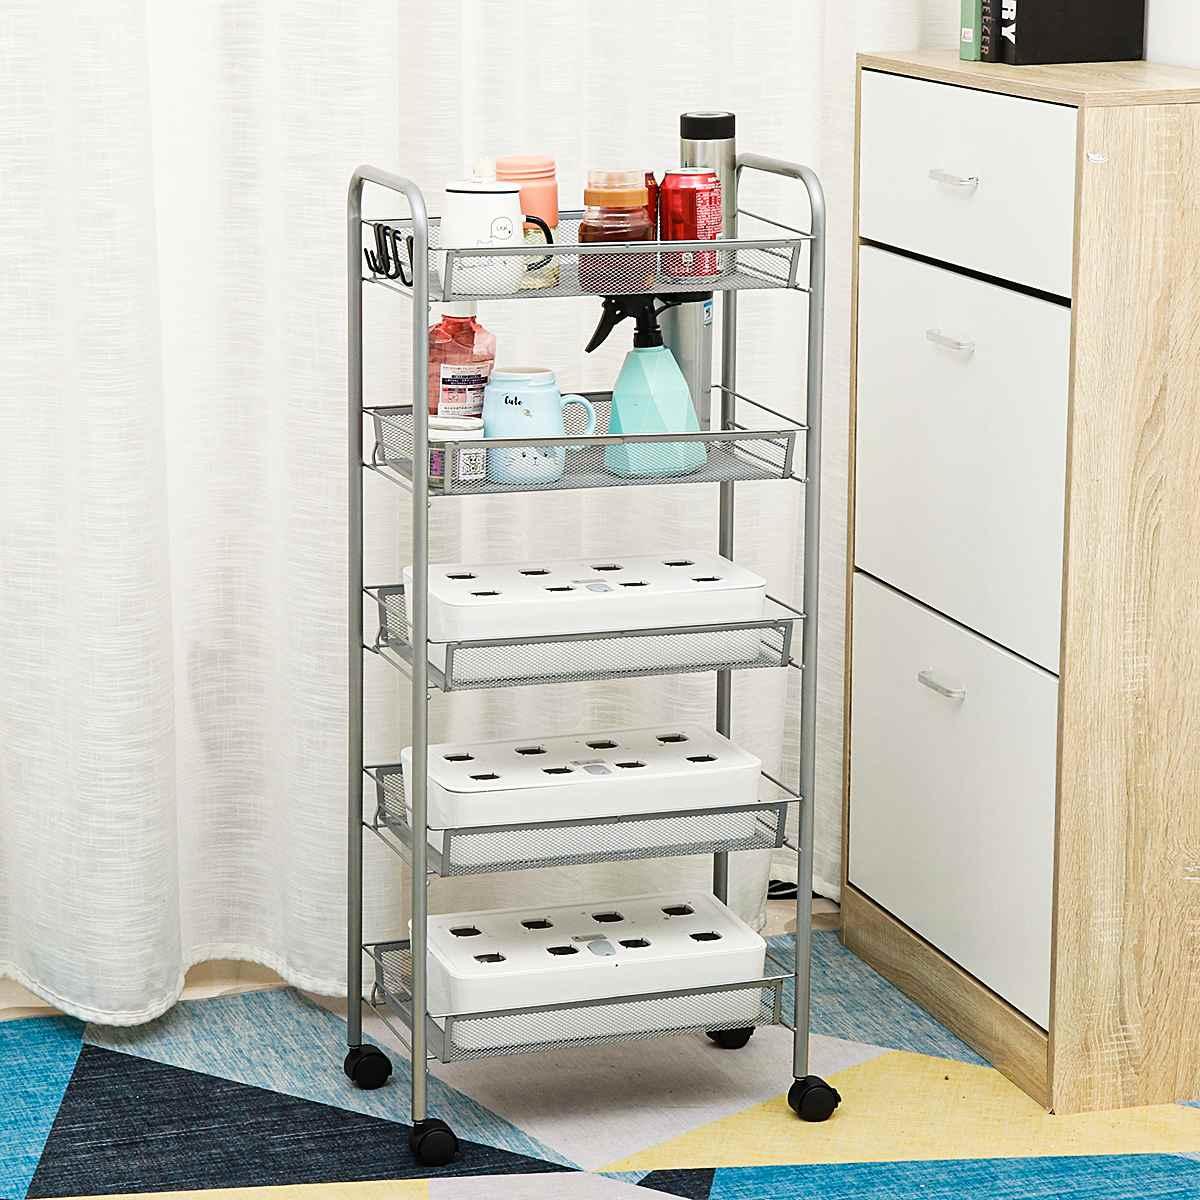 Estante de piso con carrito para cocina y baño, 3/4/5 capas, estante de almacenamiento extraíble, ahorro de espacio, estante para almacenar móvil, organizador con ruedas